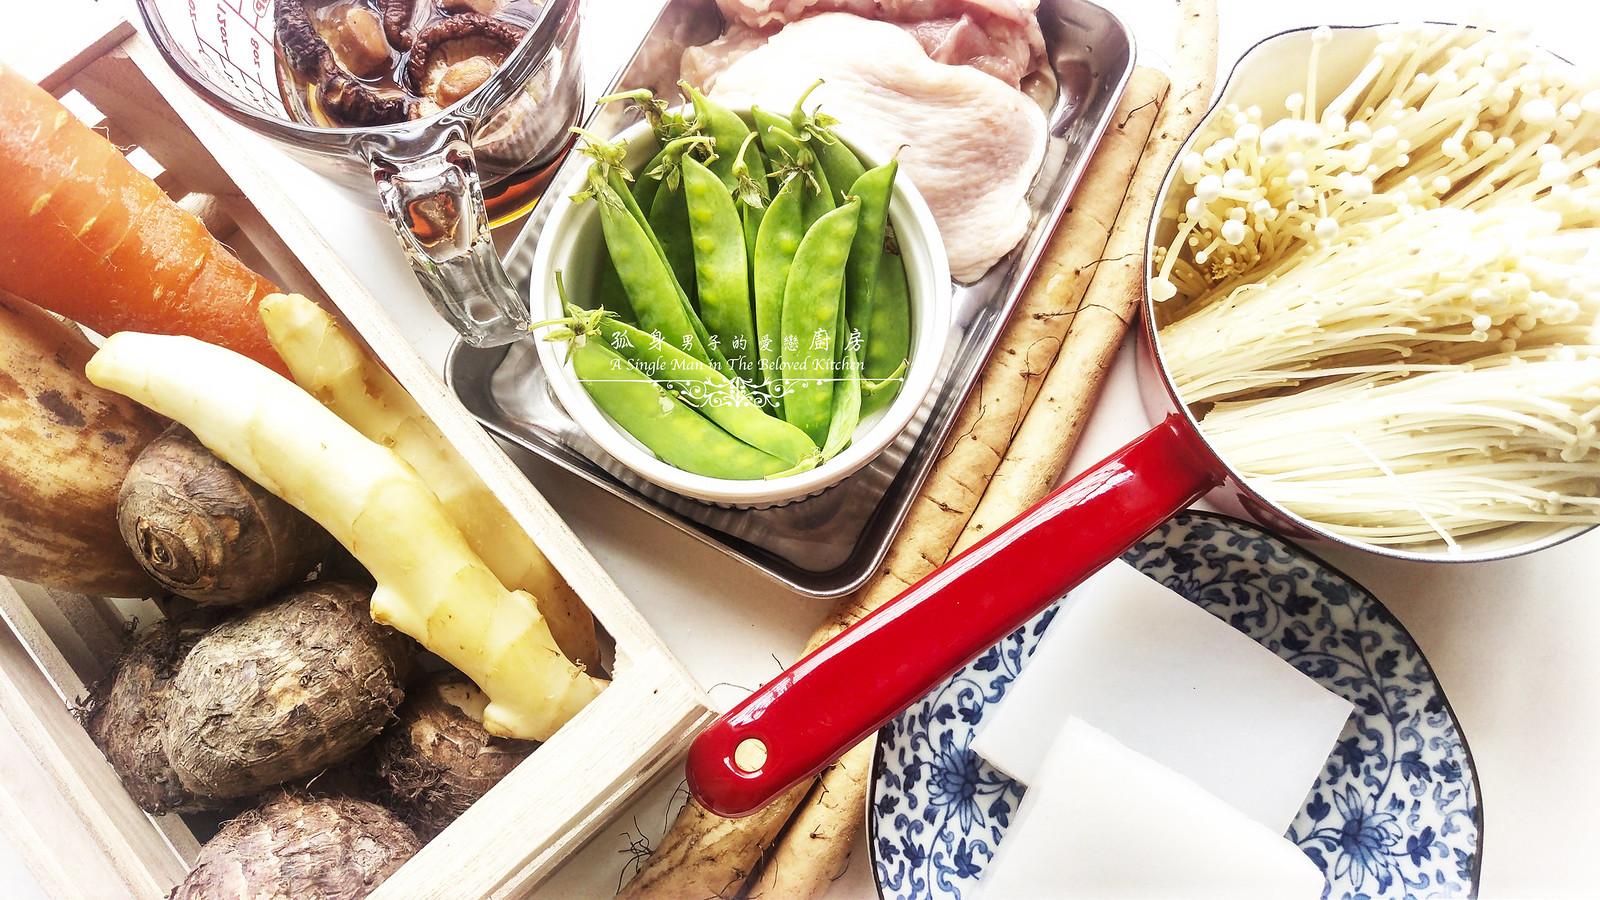 孤身廚房-食譜書《常備菜》試作——筑前煮、醬煮金針菇。甜滋滋溫暖和風味3